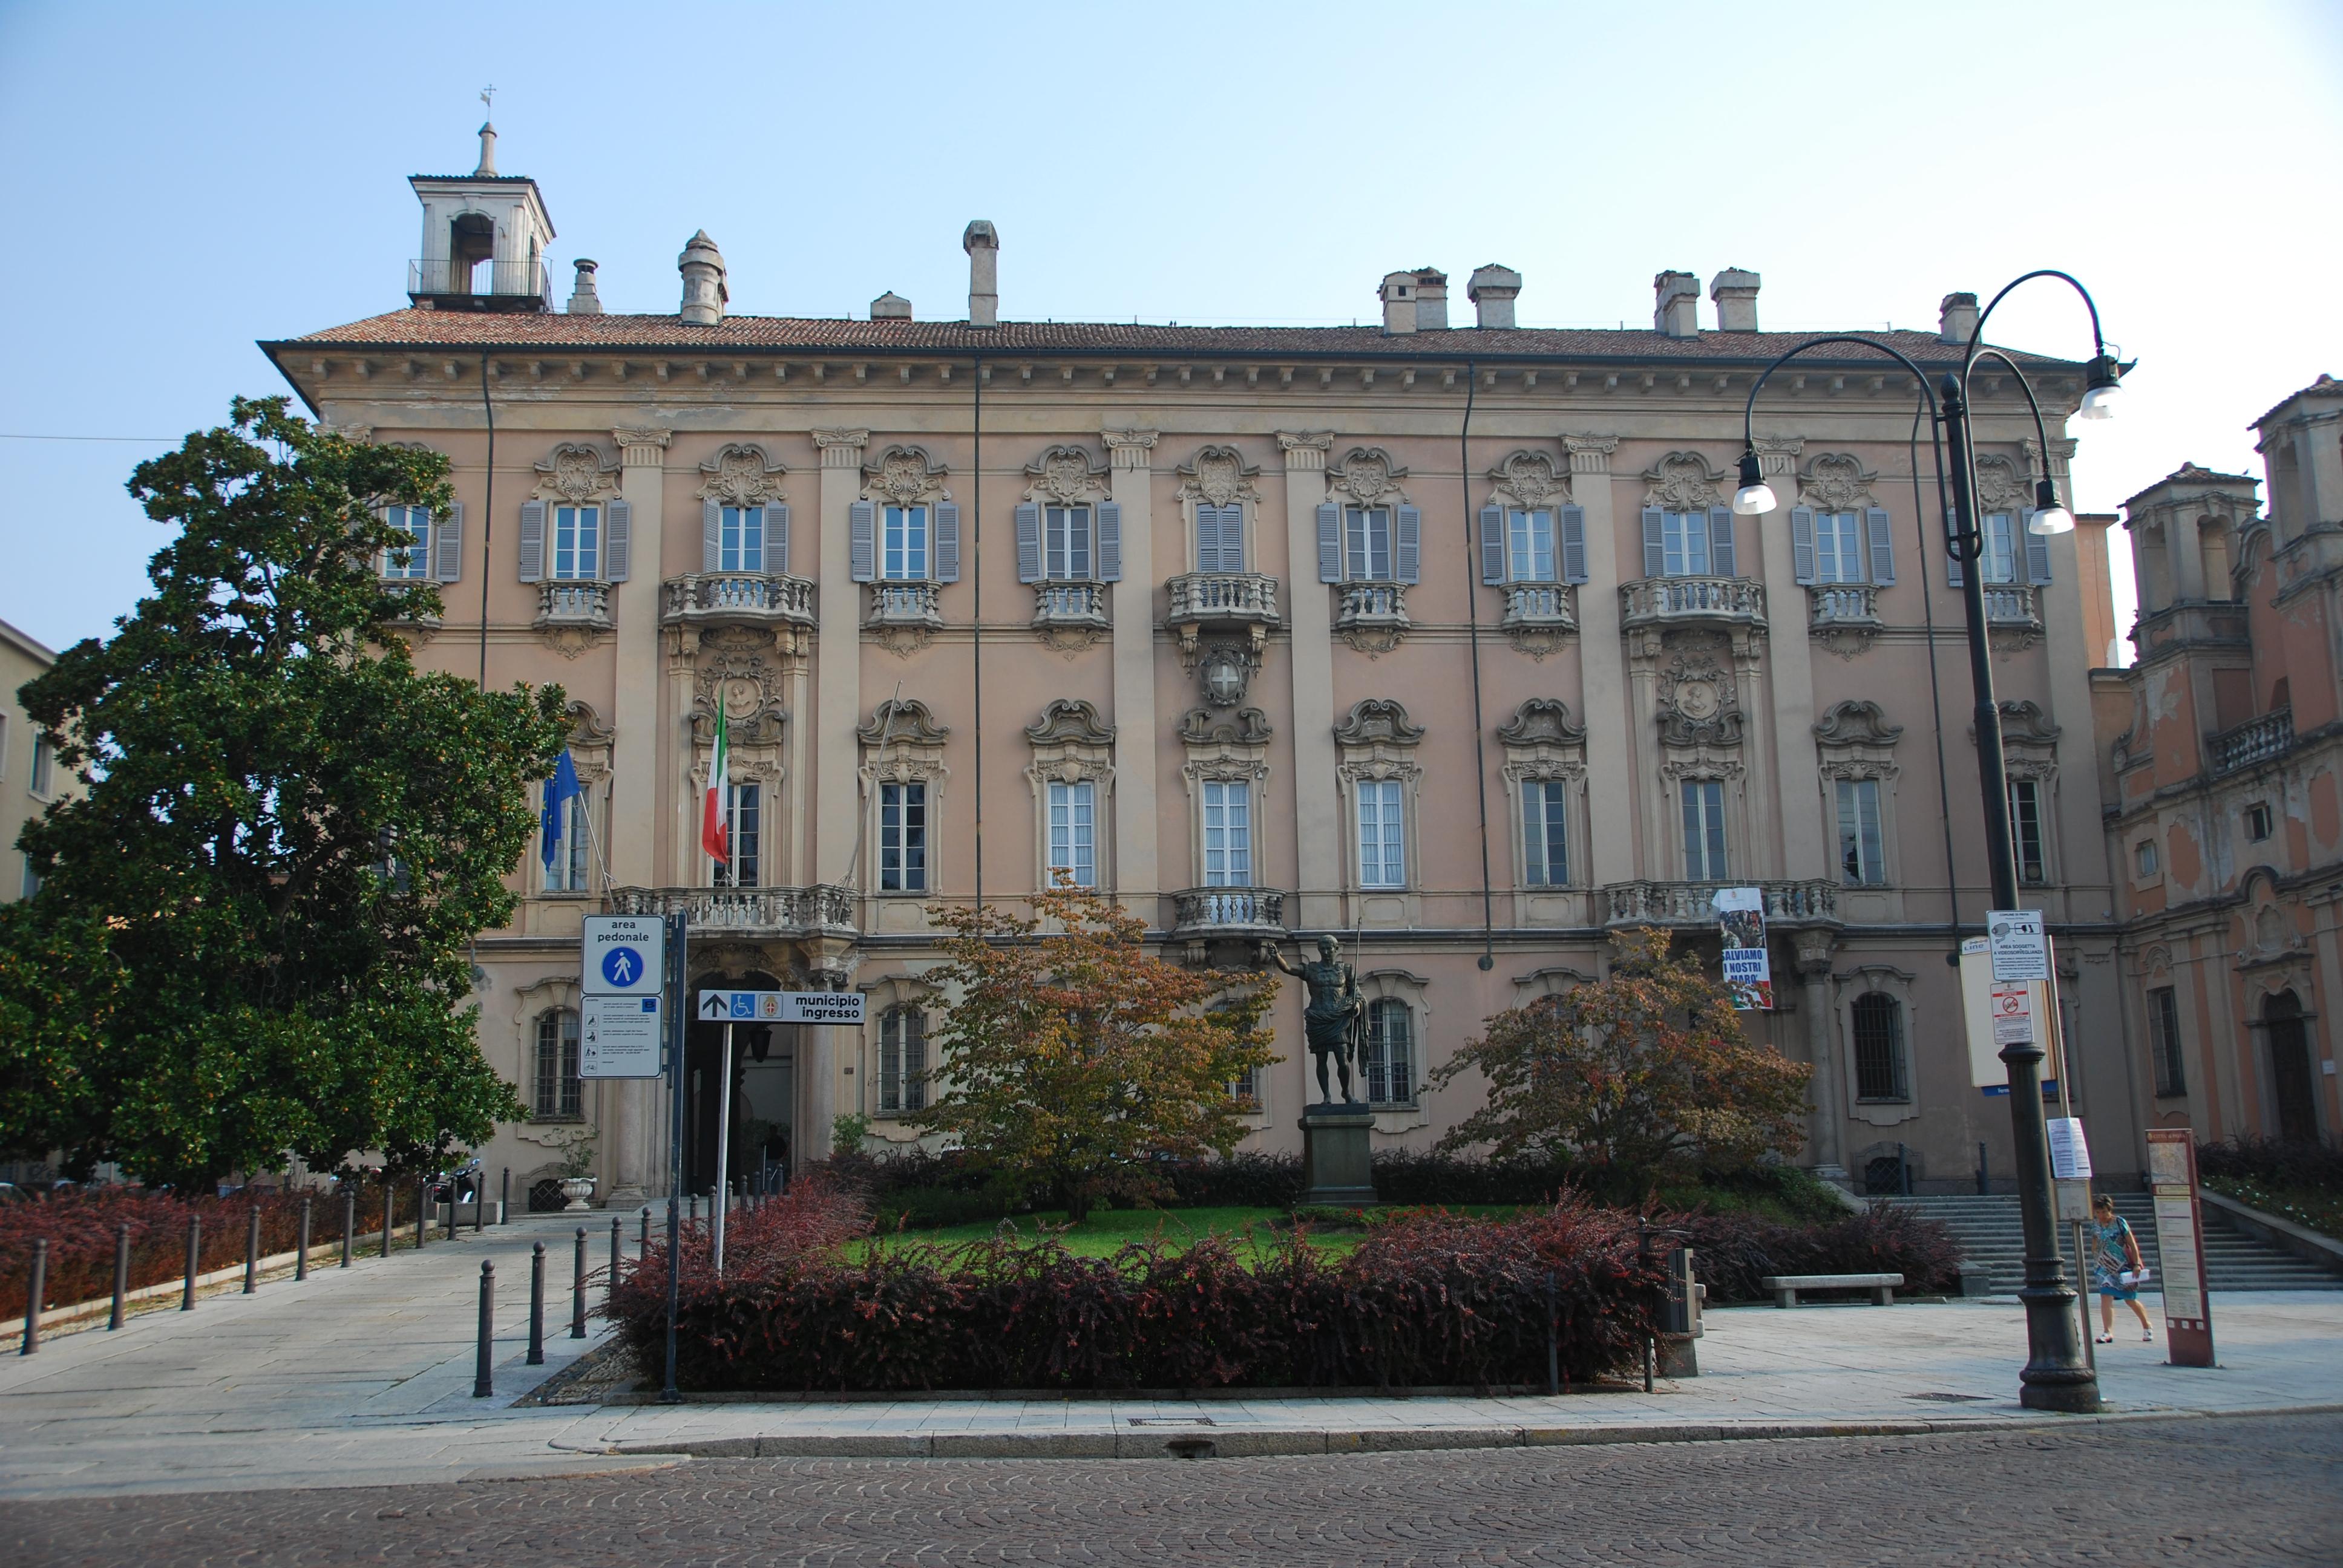 26 marzo – Convocazione in seduta pubblica della Commissione Consiliare speciale per l'esame del fenomeno delle infiltrazioni mafiose in città